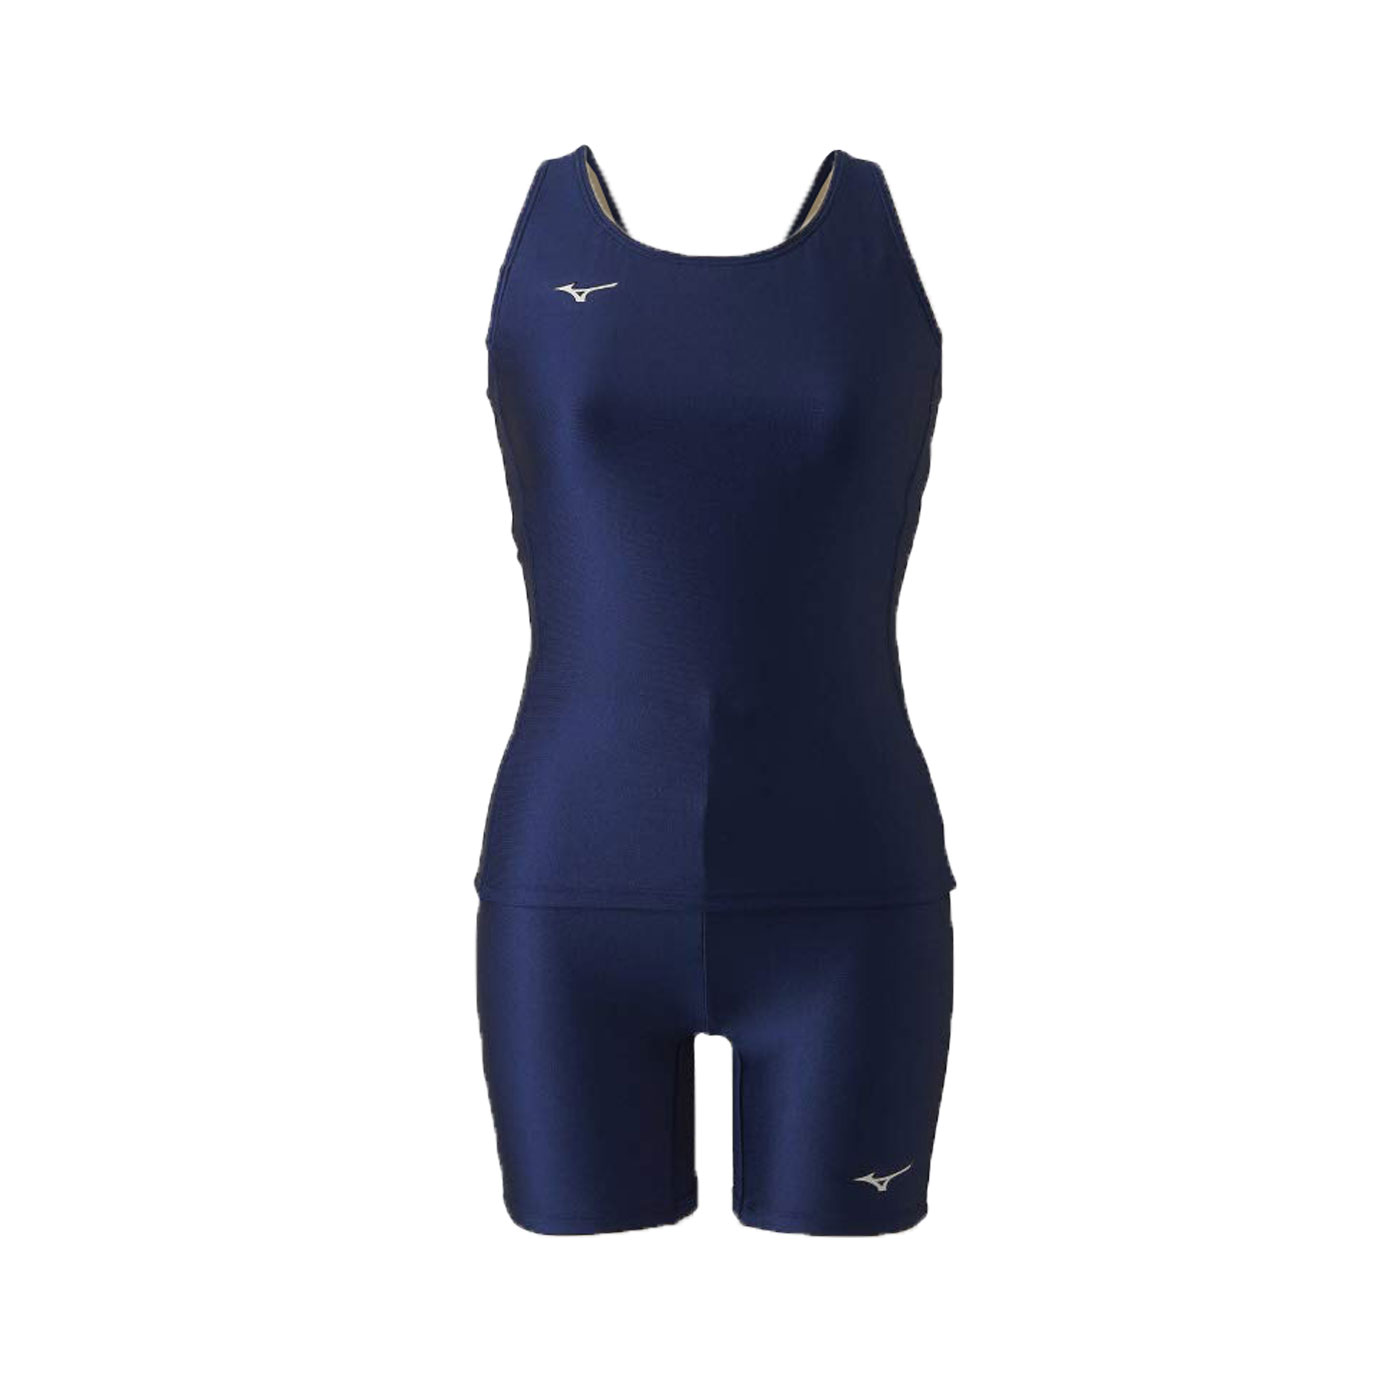 MIZUNO 女款兩件式泳裝  SWIMN2MG9C0109 - 丈青銀